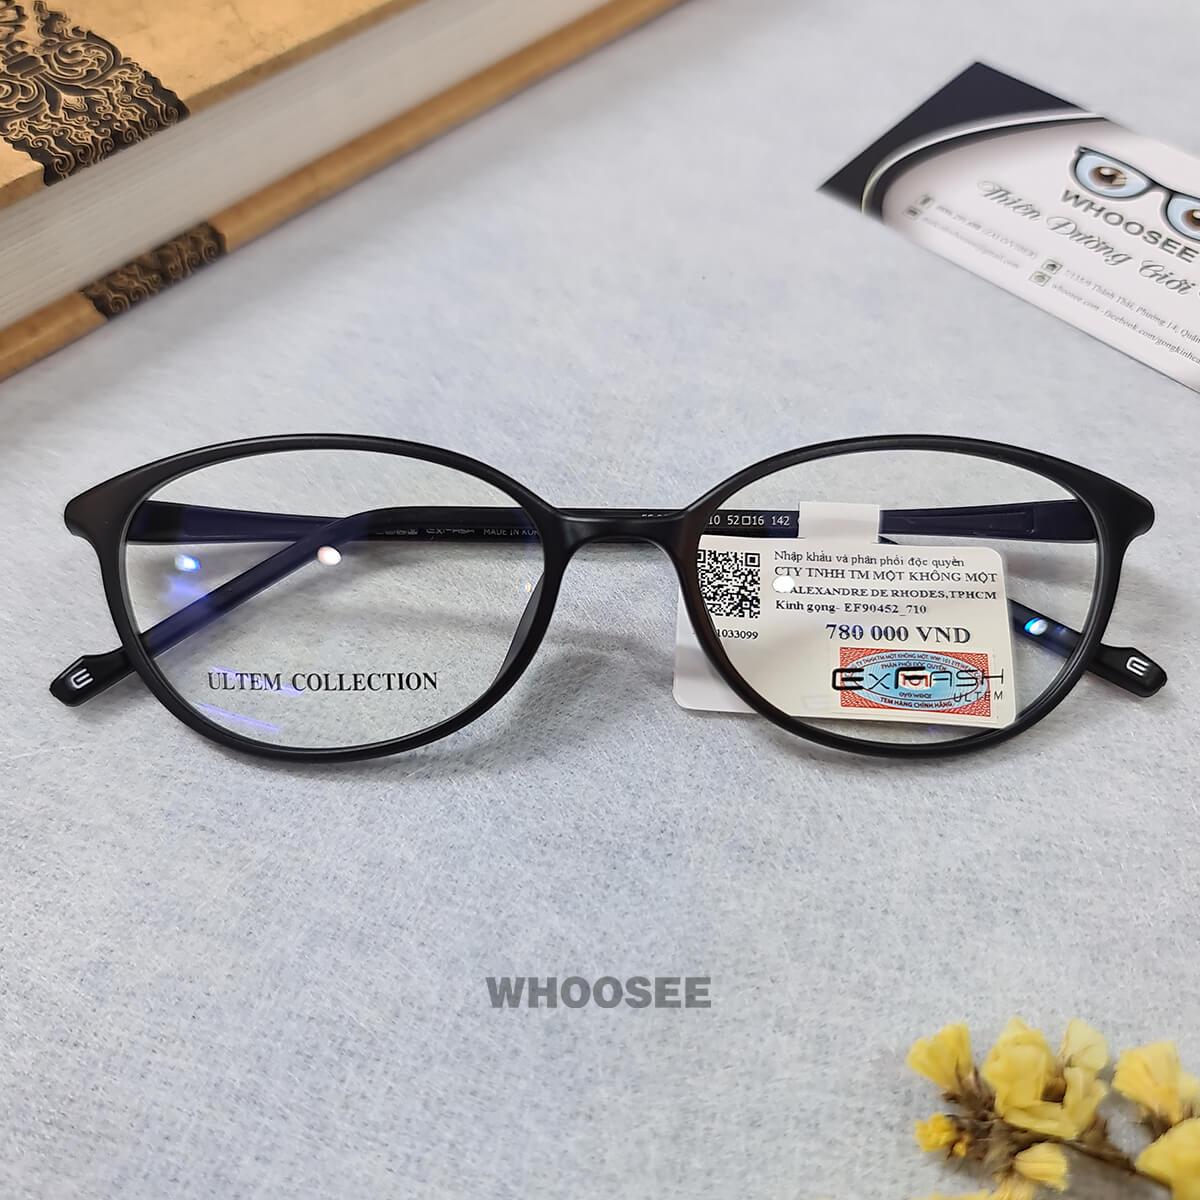 gọng kính cận nhựa dẻo form mắt mèo cho nữ ef90452 c710 exfash